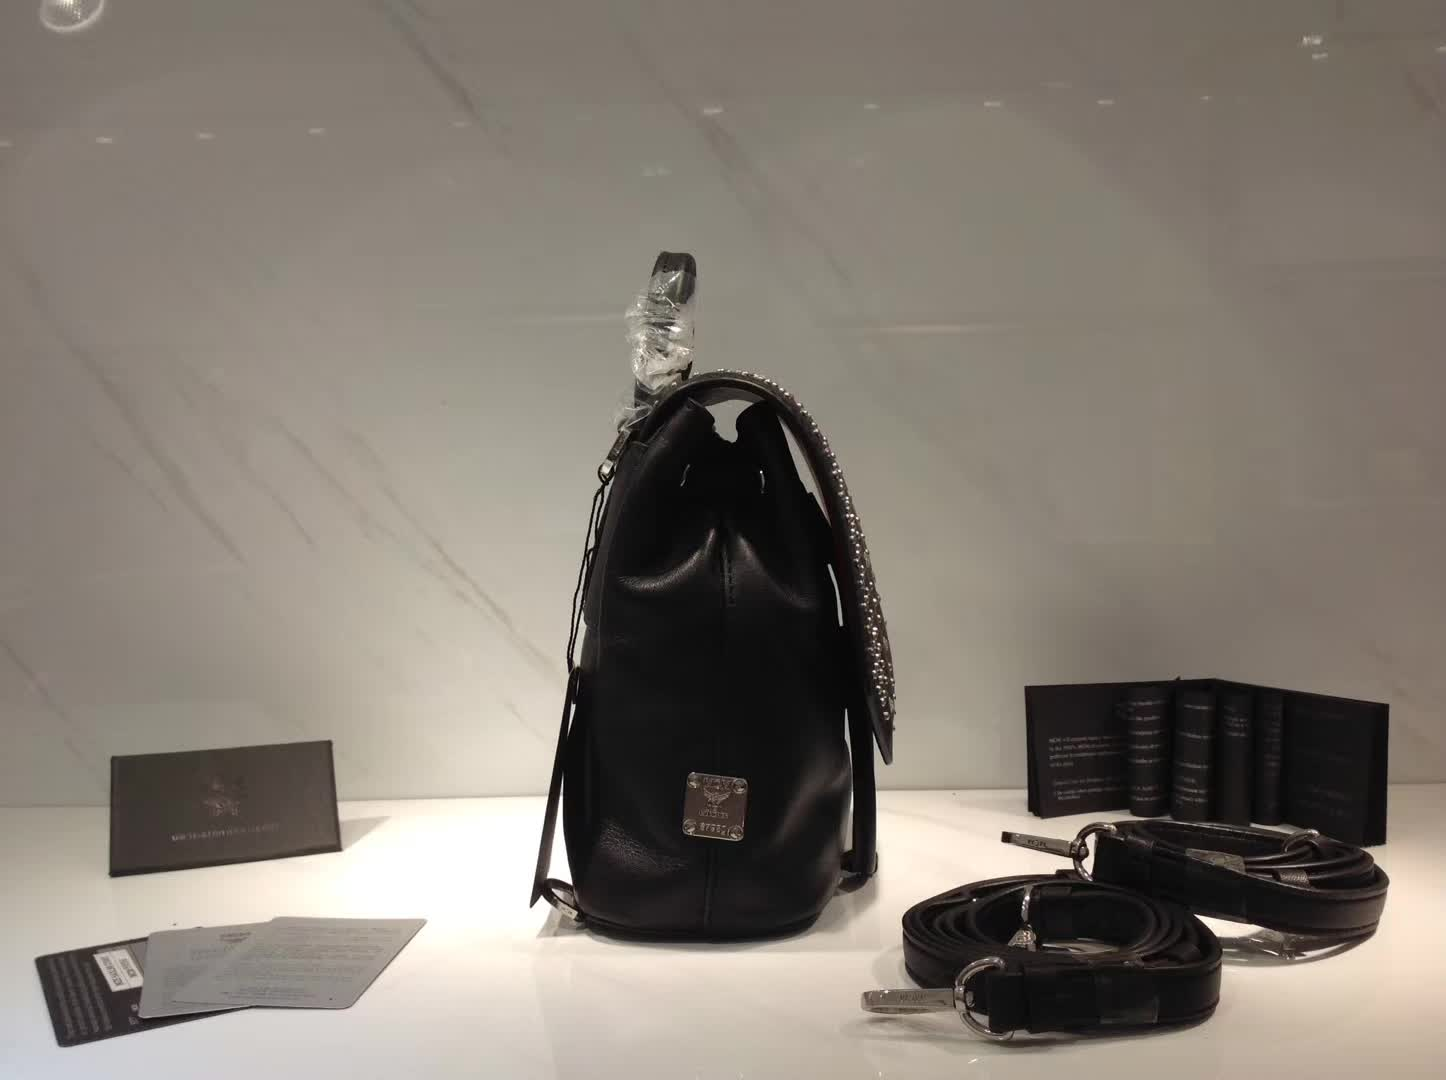 广州白云皮具城 MCM原单品质配包装 斜挎双肩全皮包 黑色